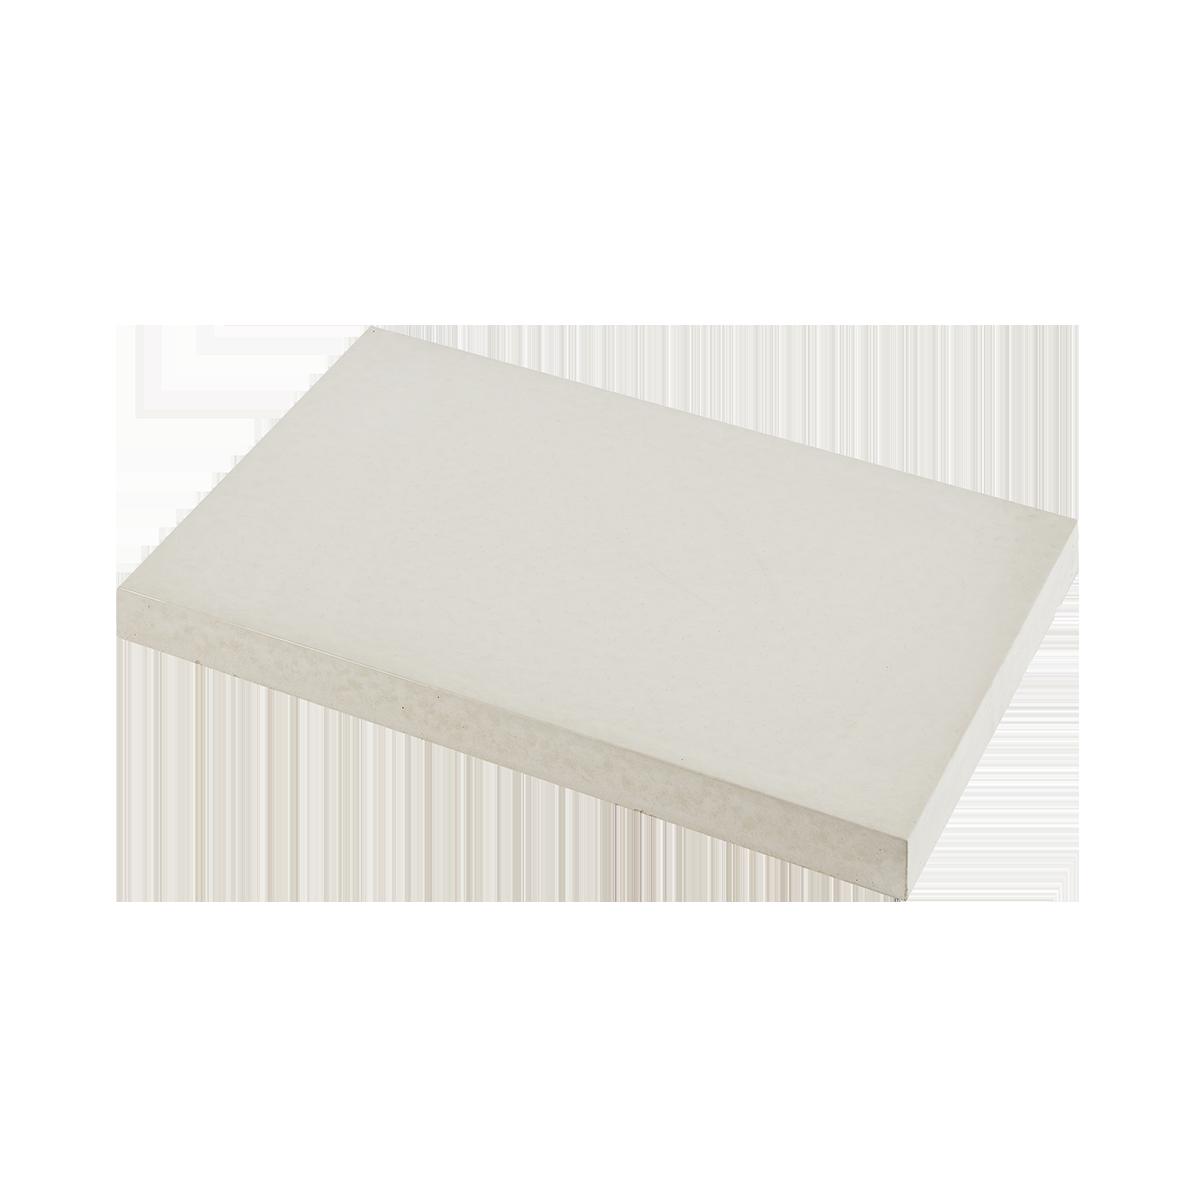 SoftLine Soft fas 40x60x4 cm Lys sand Glat overflade